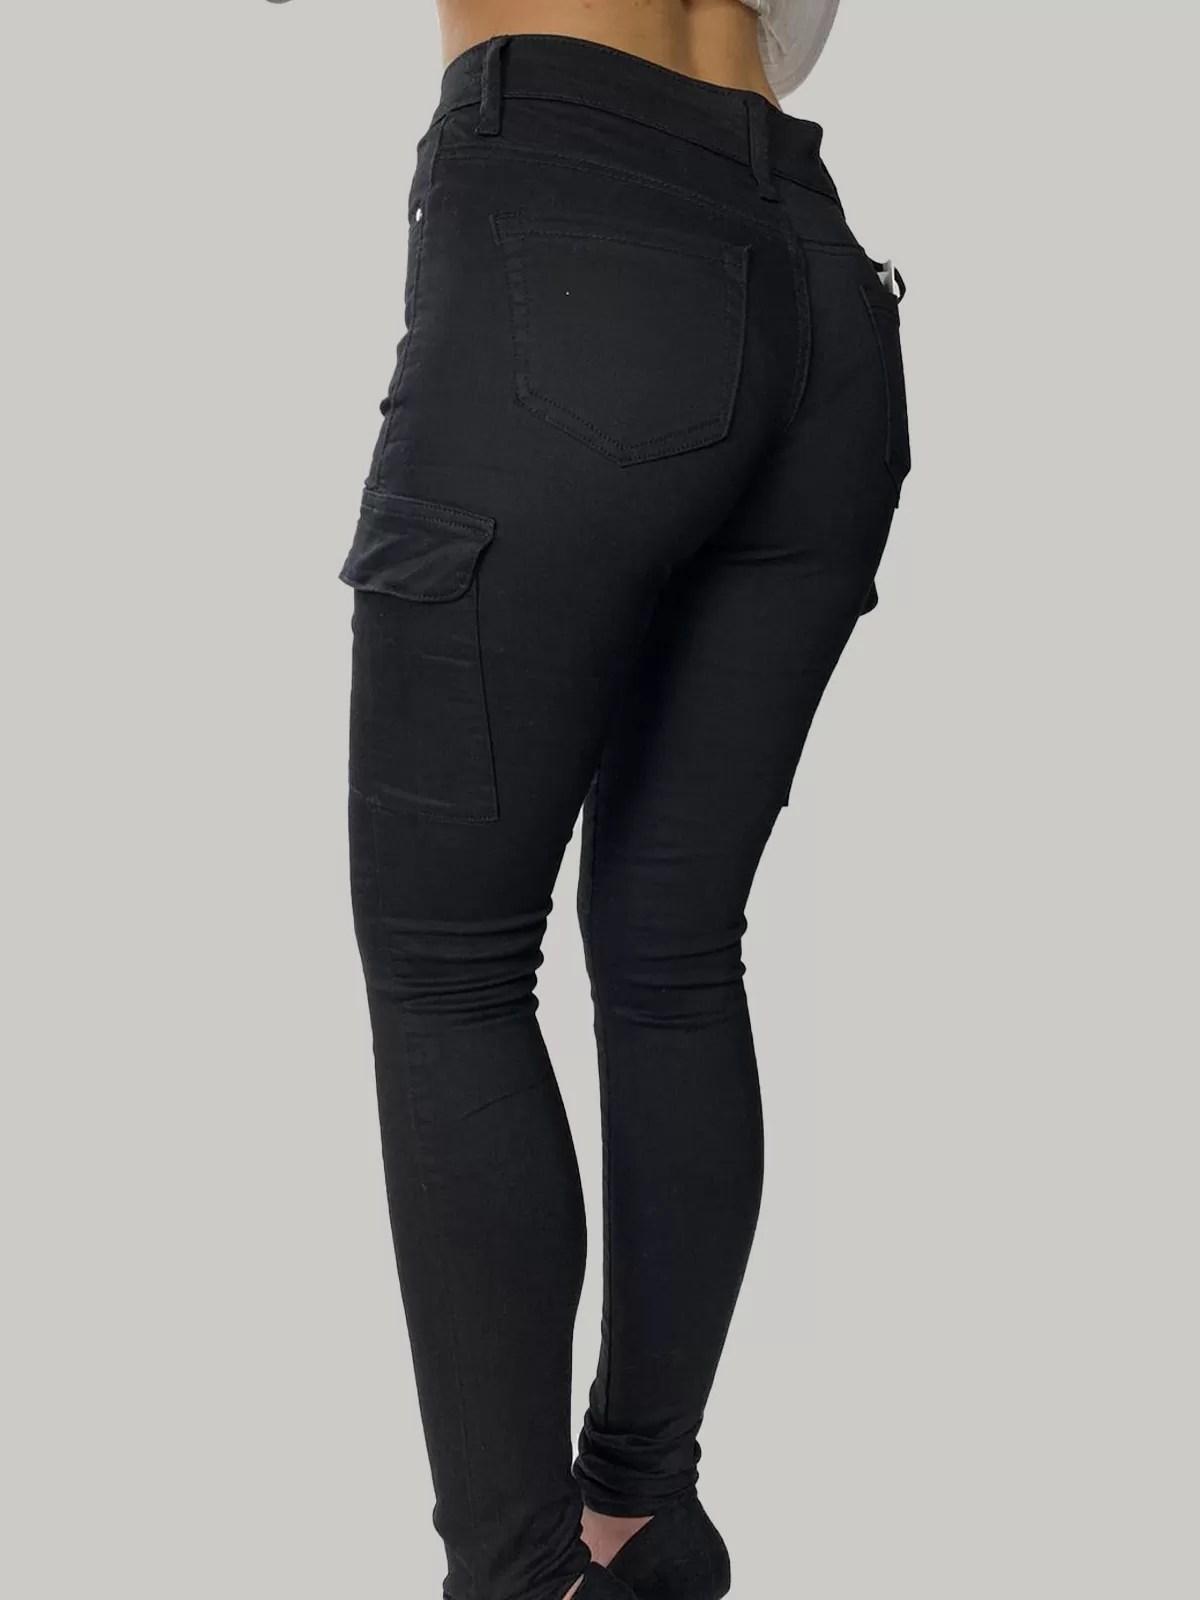 Wonderbaar Zwarte Stretch Broek Met Scheuren Voor Dames - Me Mode TS-25